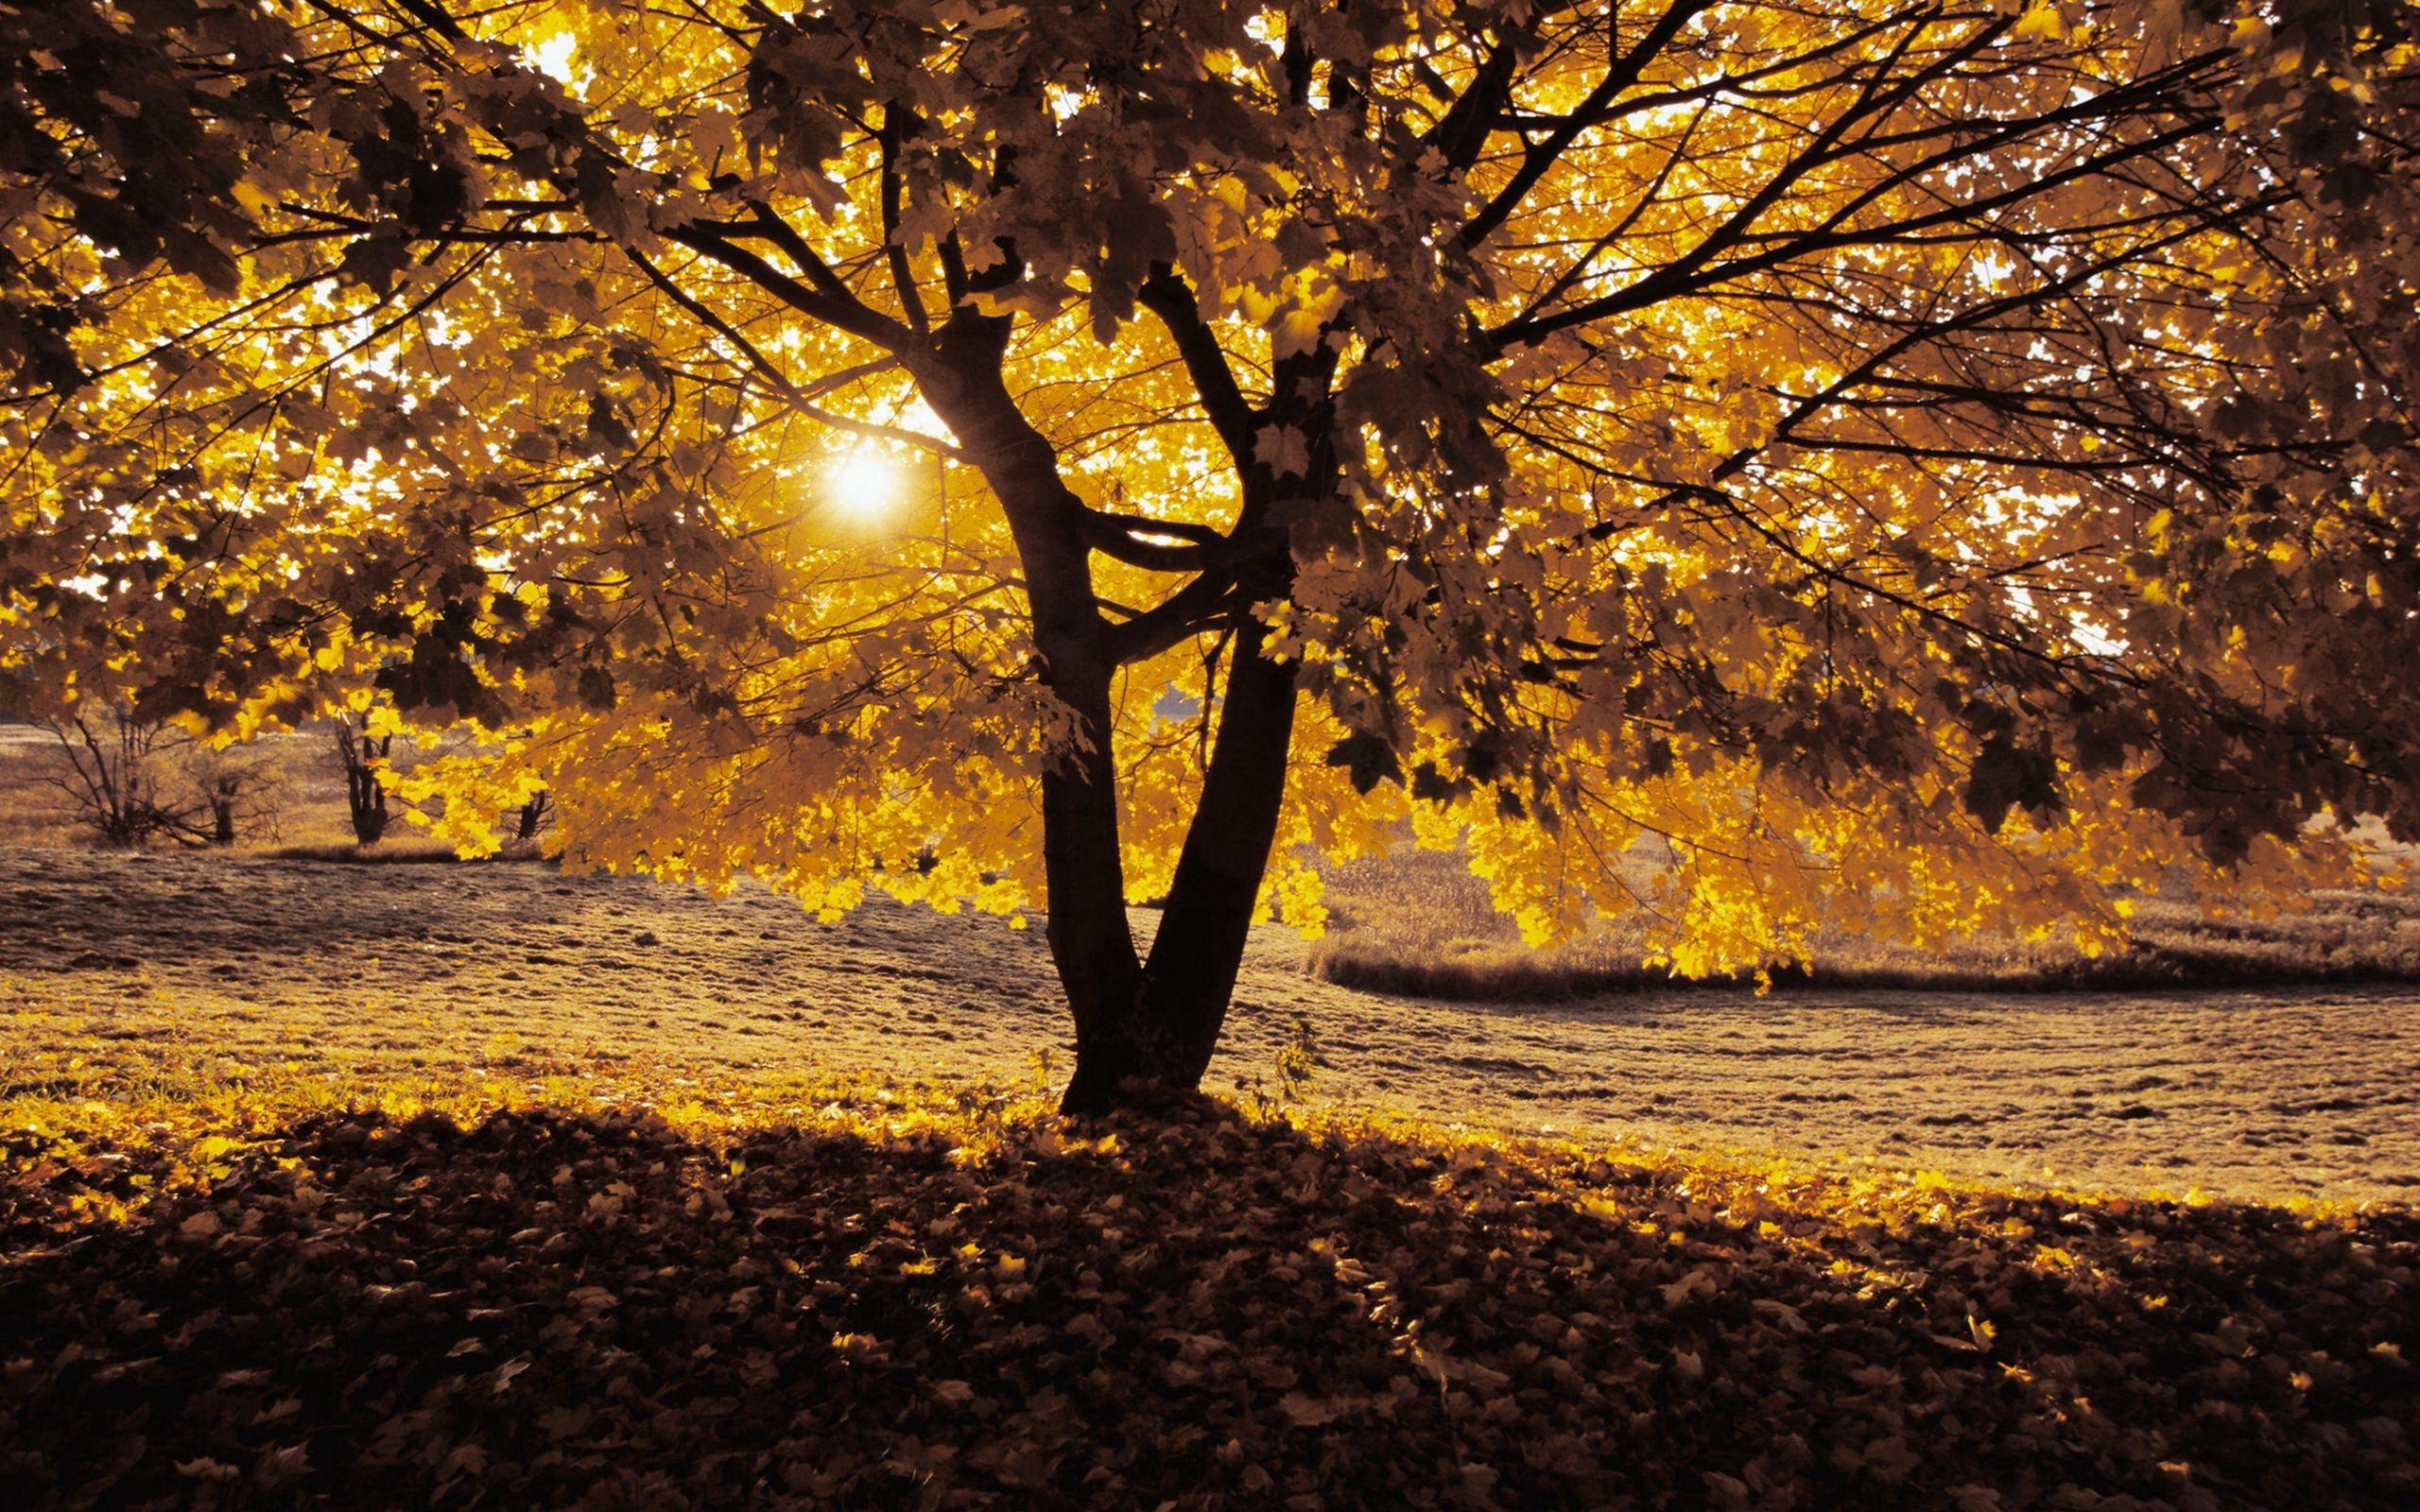 129962 Hintergrundbild 128x160 kostenlos auf deinem Handy, lade Bilder Natur, Herbst, Holz, Baum, Schatten 128x160 auf dein Handy herunter